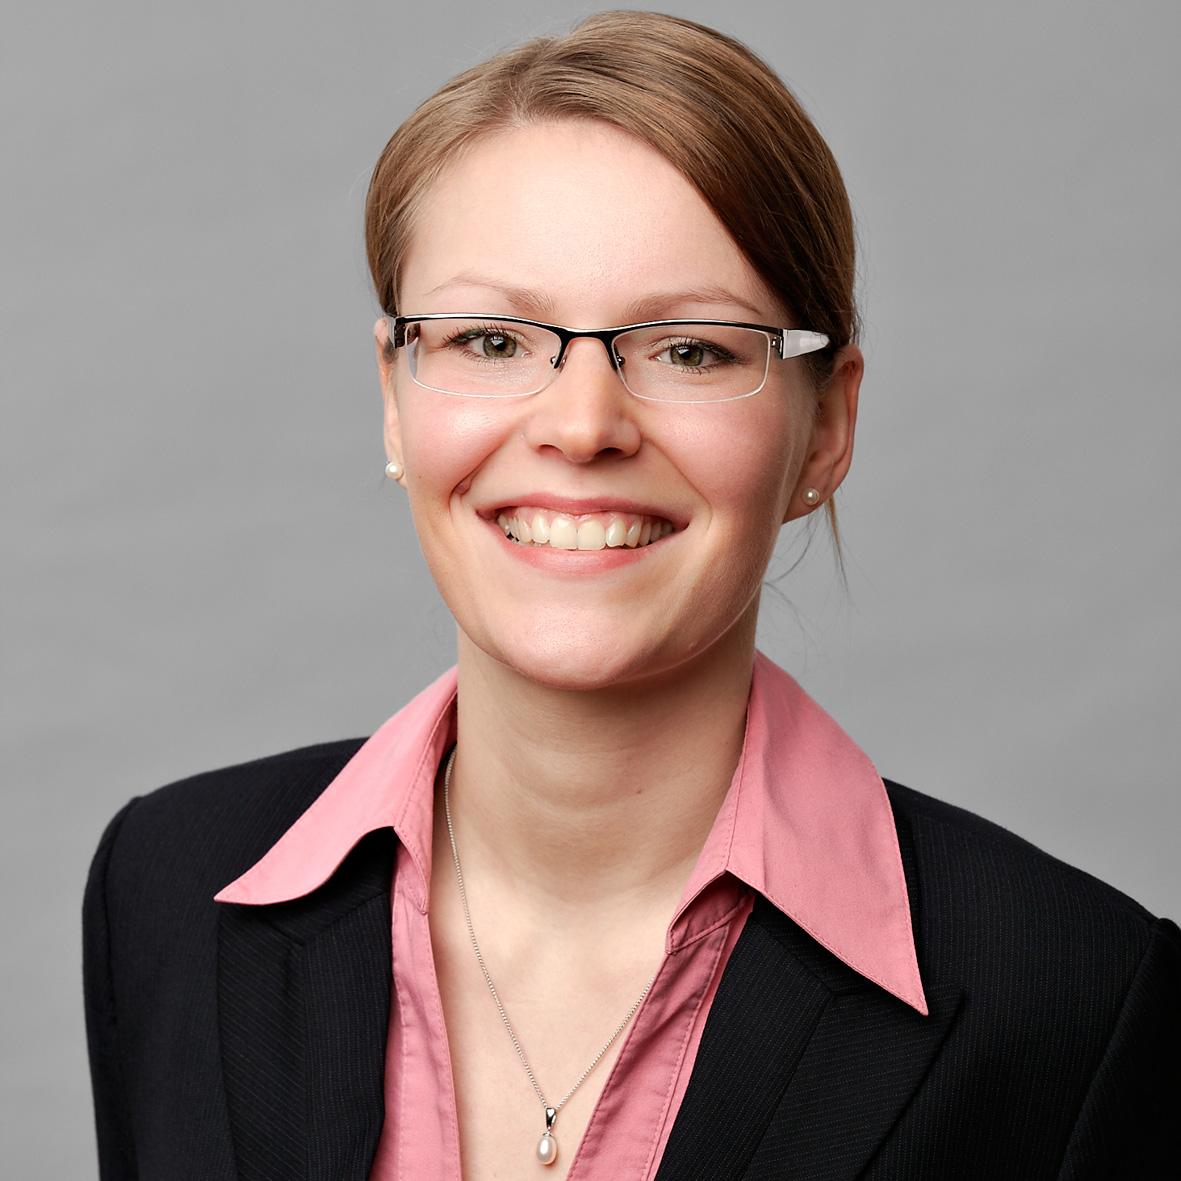 Stefanie Pakura